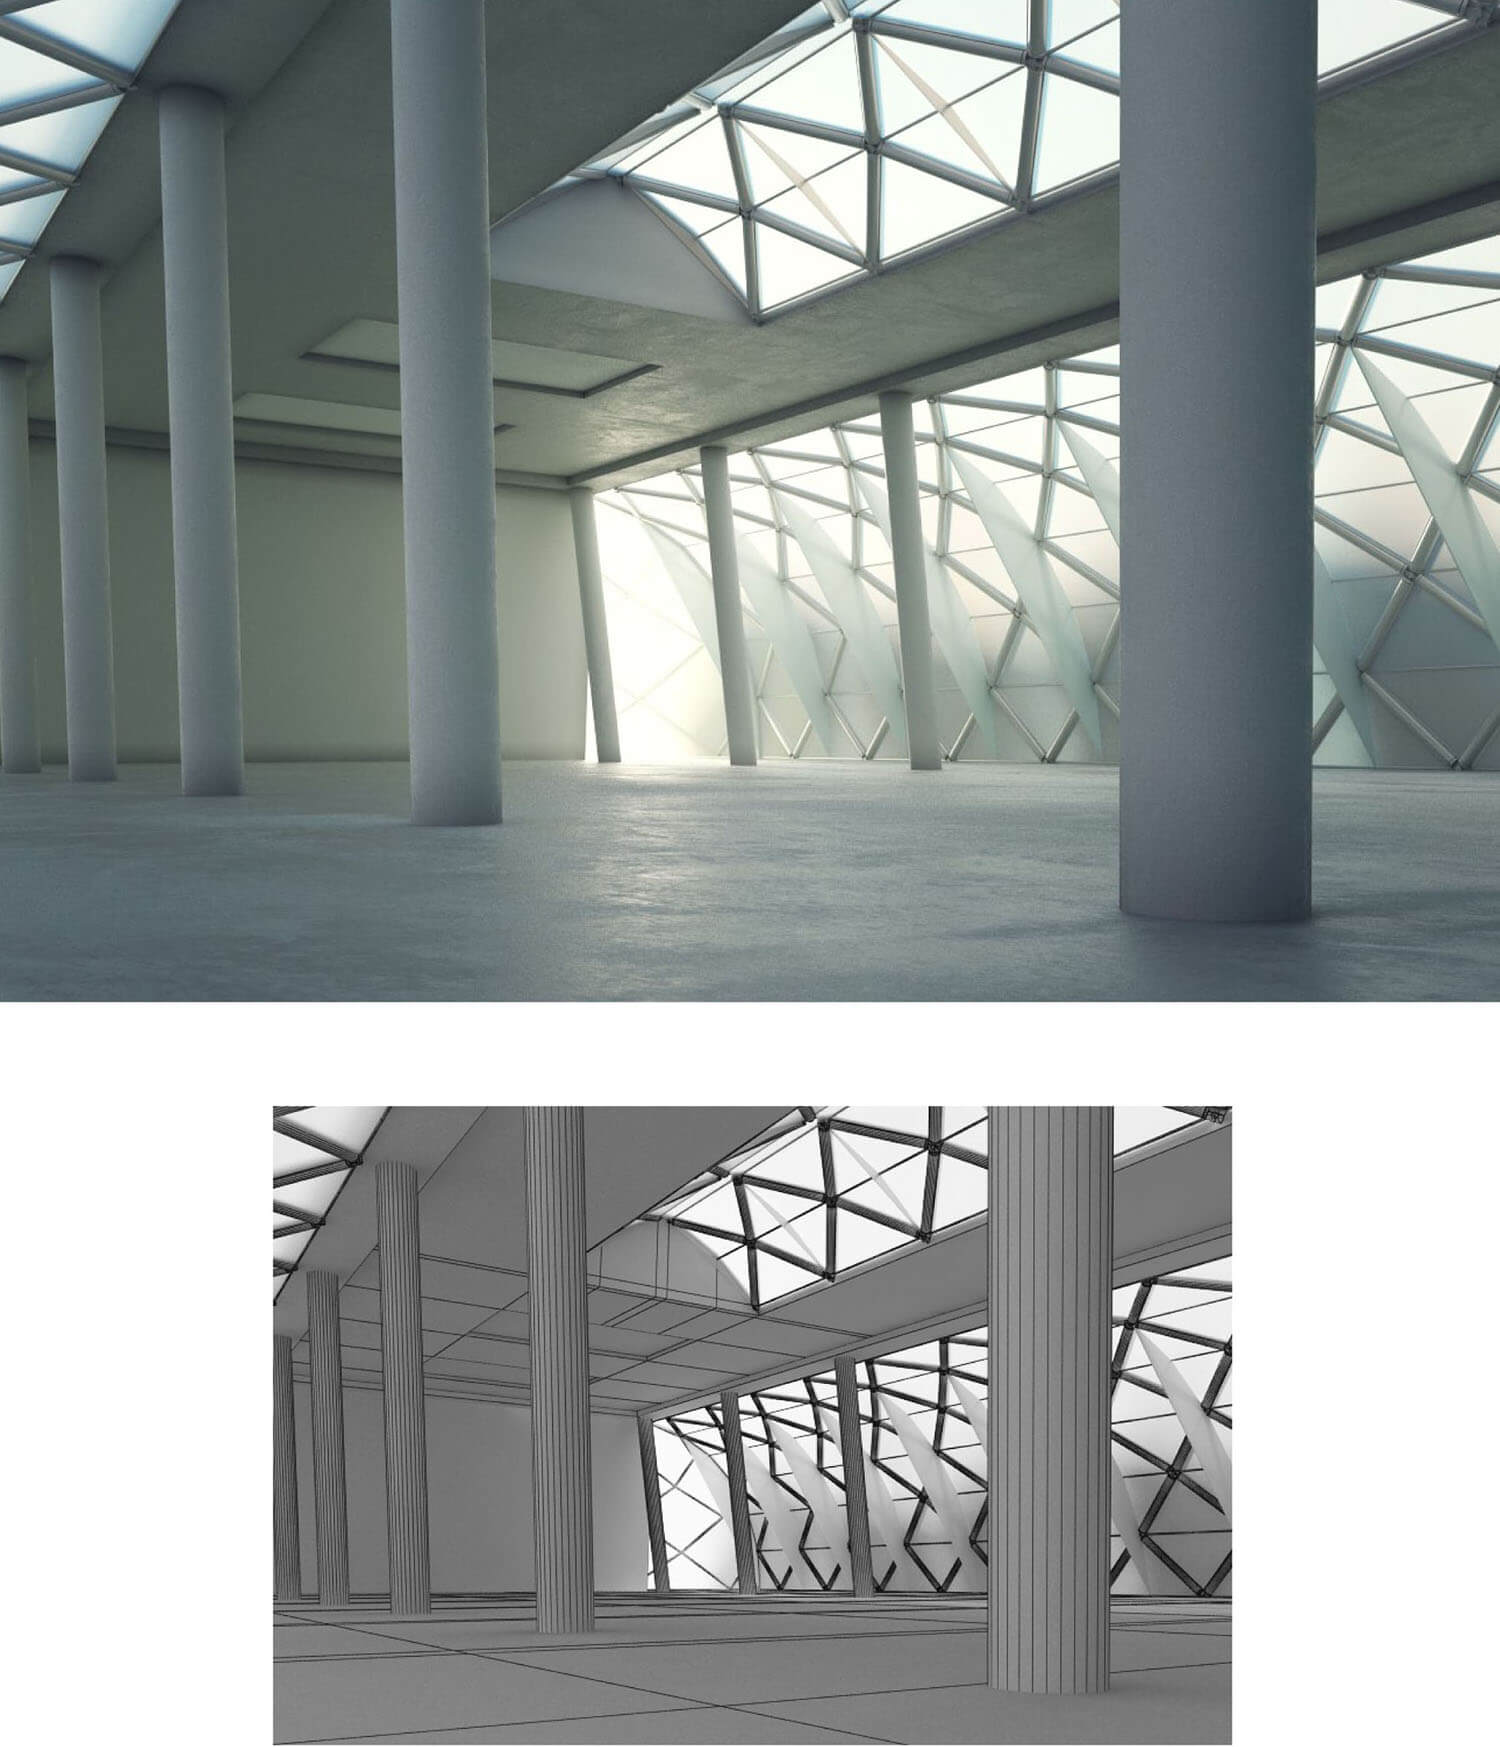 Không gian sảnh đẹp với ánh sáng mở